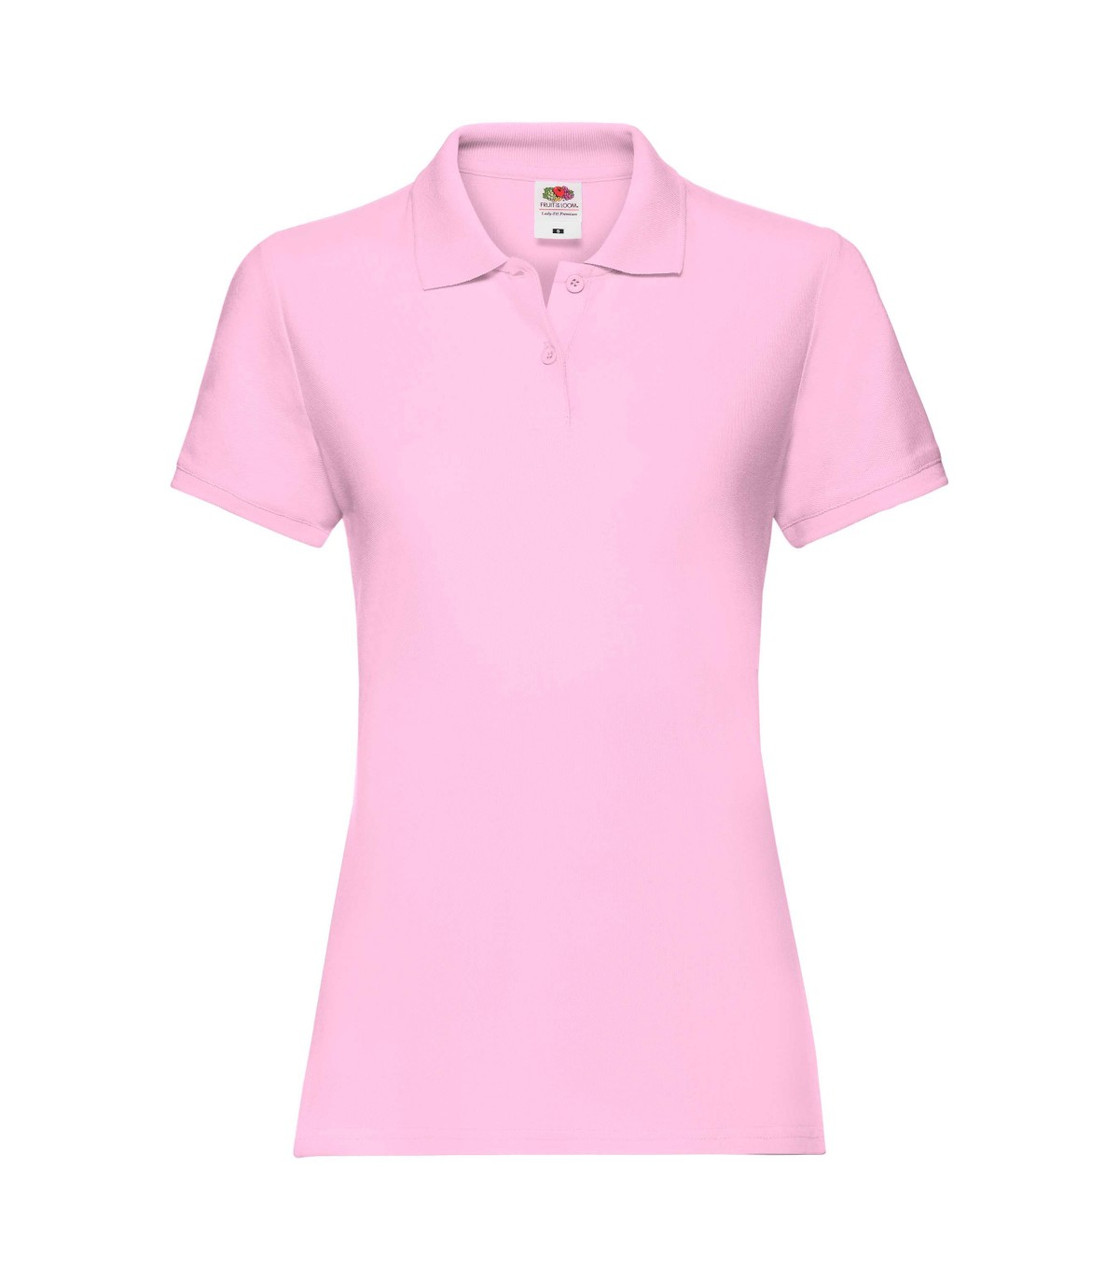 Женская футболка поло хлопок розовая 030-52